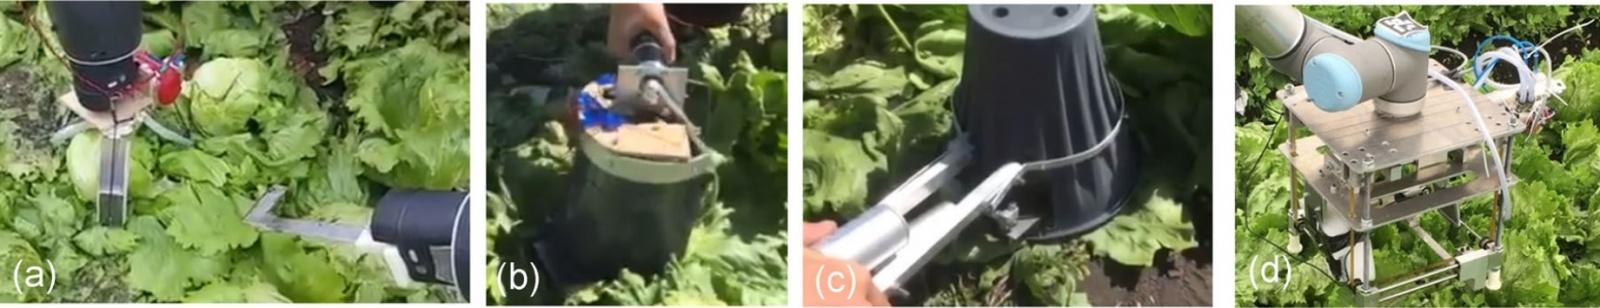 Агро-робот с ИИ научился аккуратно собирать с грядки только созревший салат - 16